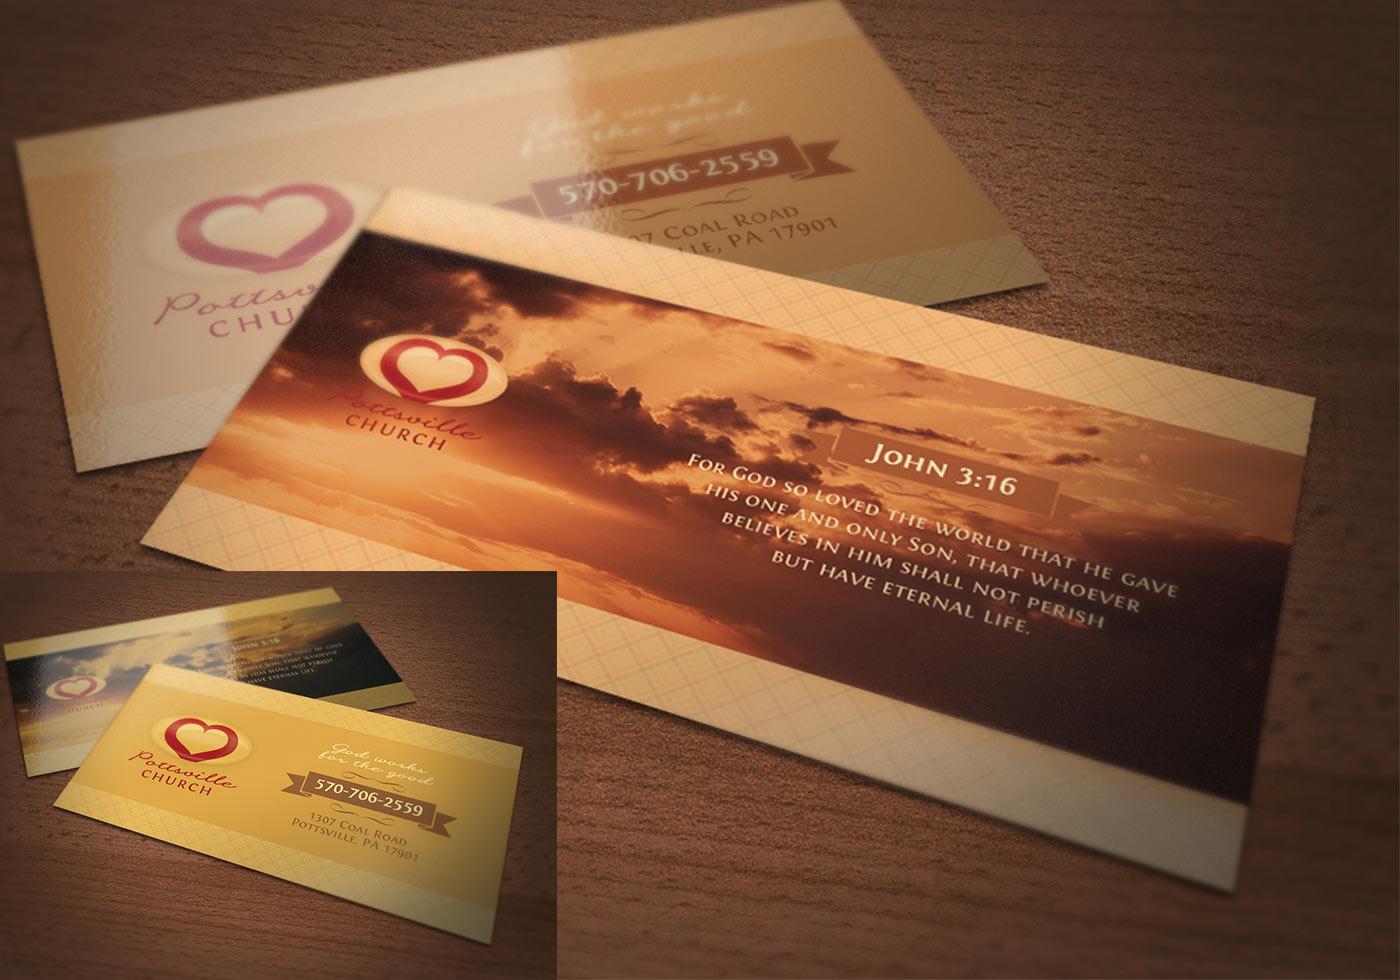 golden church business card psd template